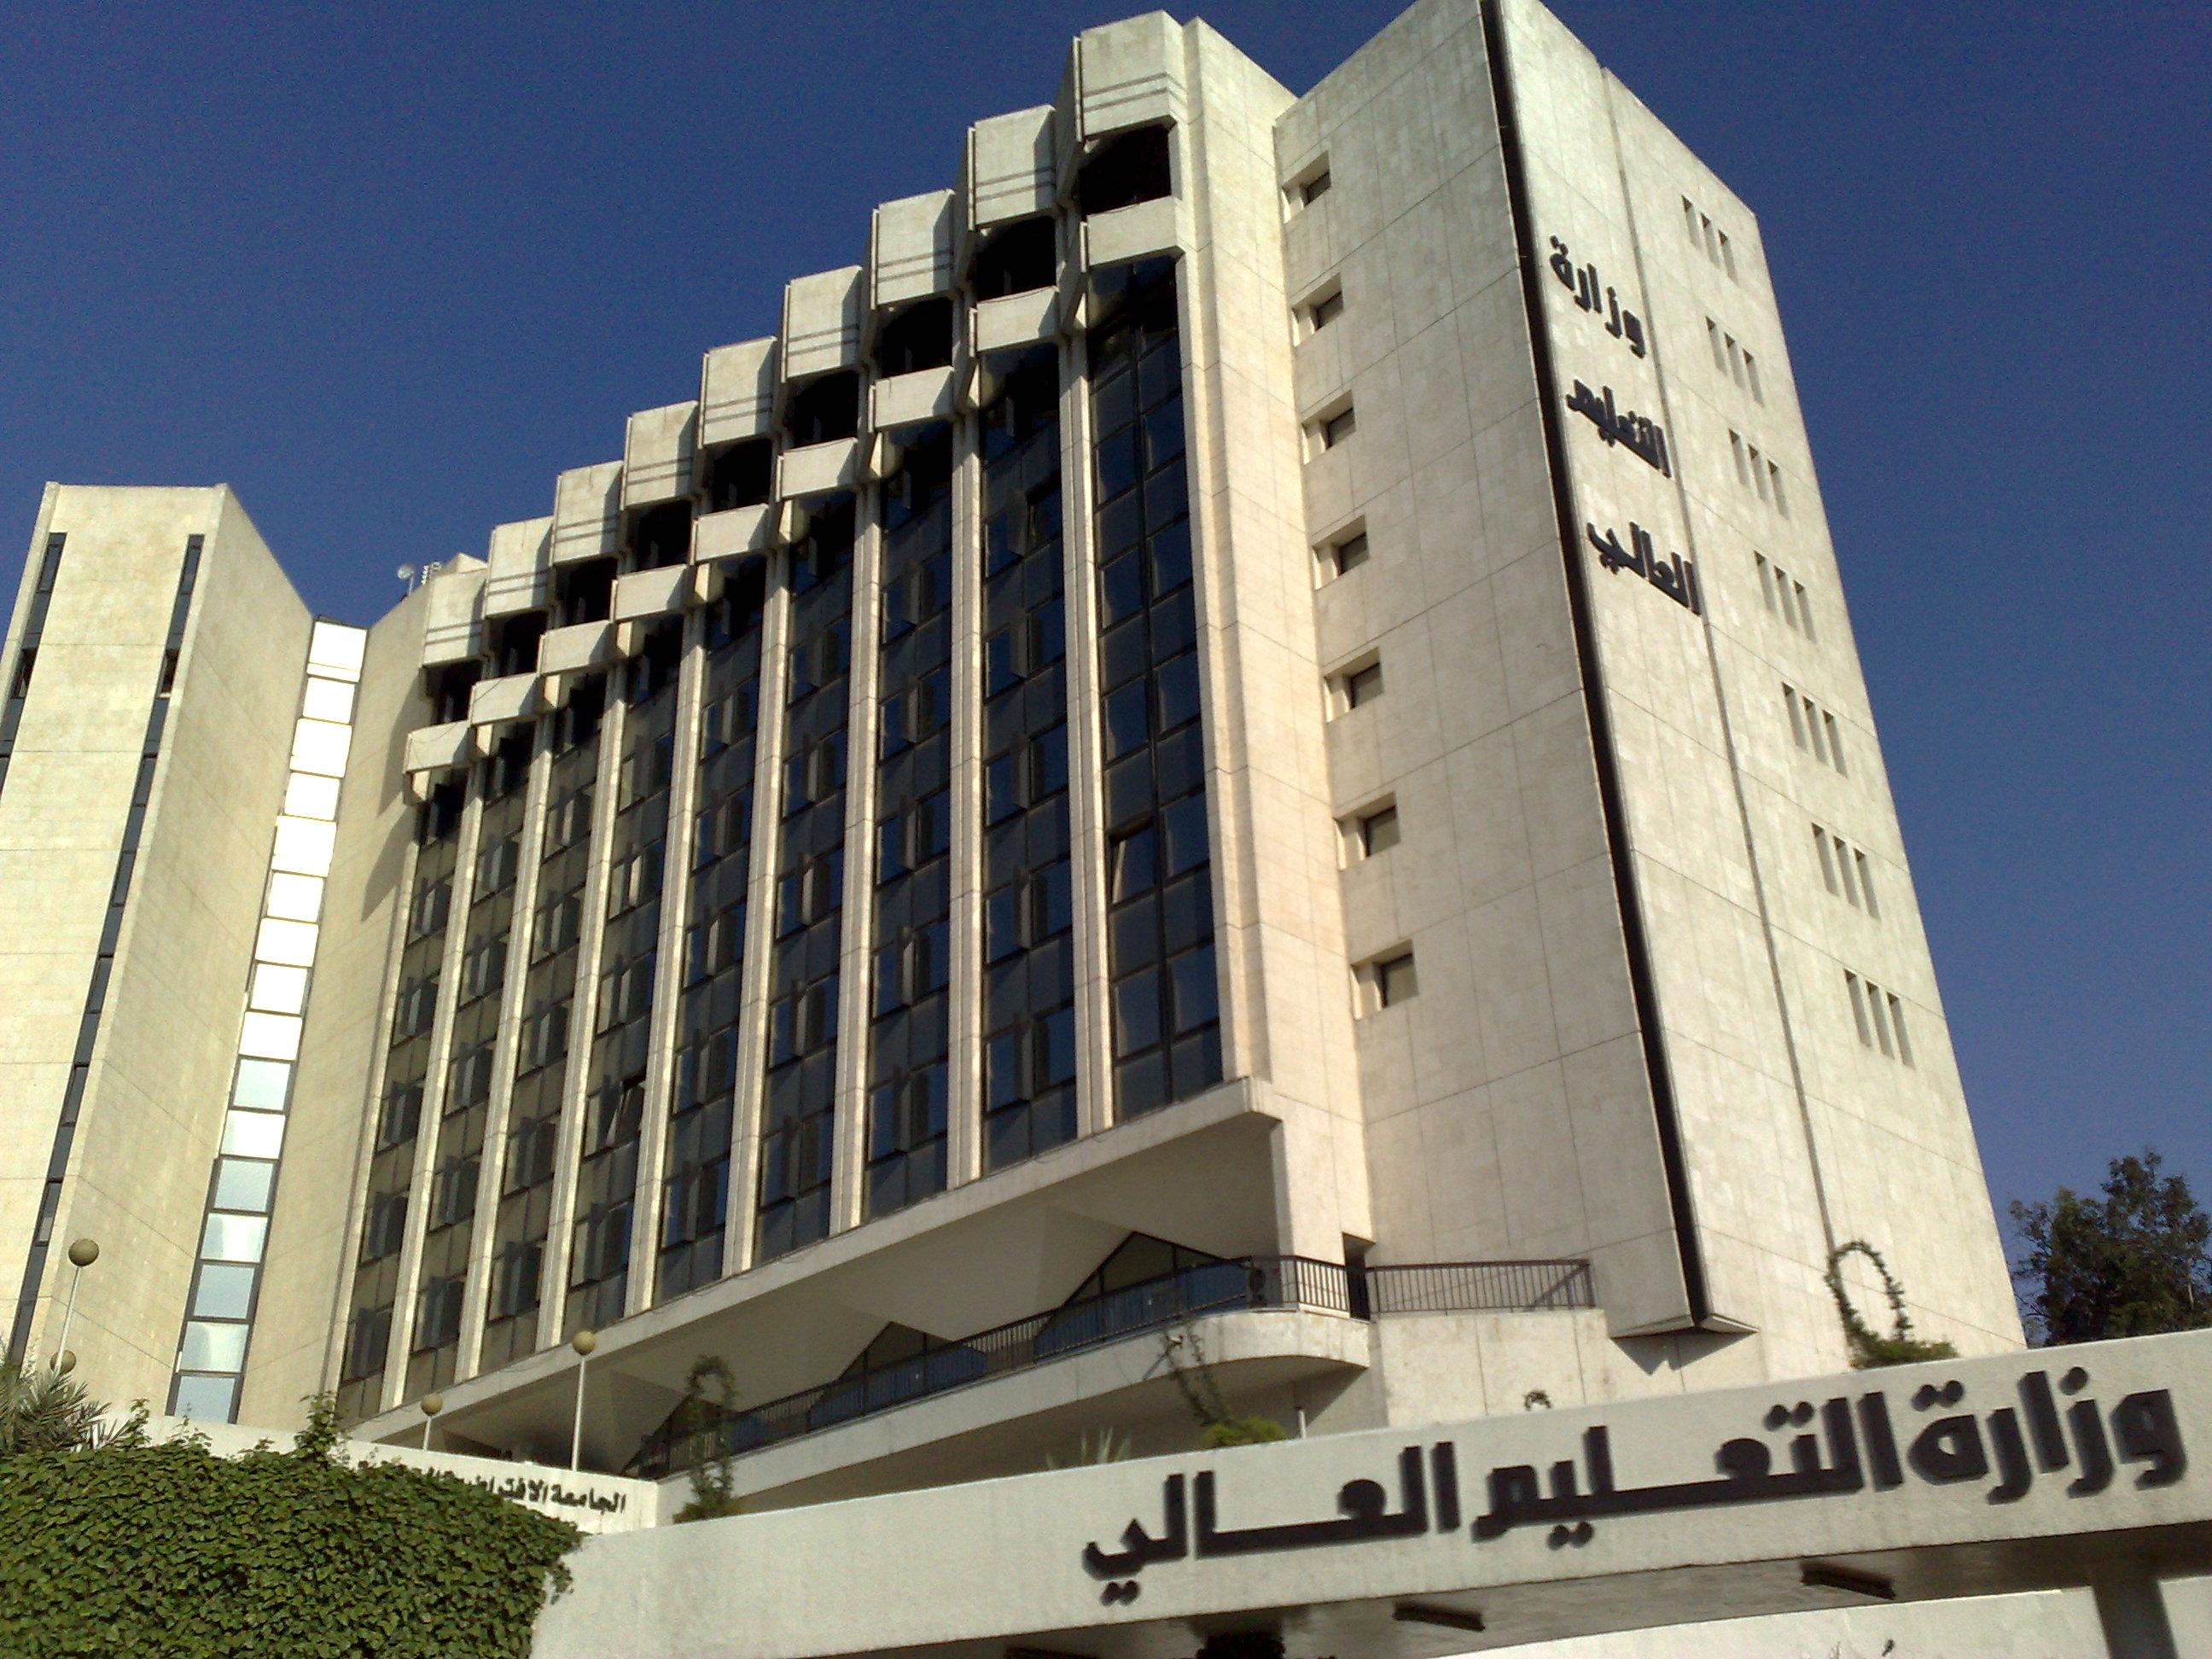 Photo of مجلس التعليم العالي يوافق على الإعلان عن التسجيل المباشر للمفاضة العامة لعام 2017 2018